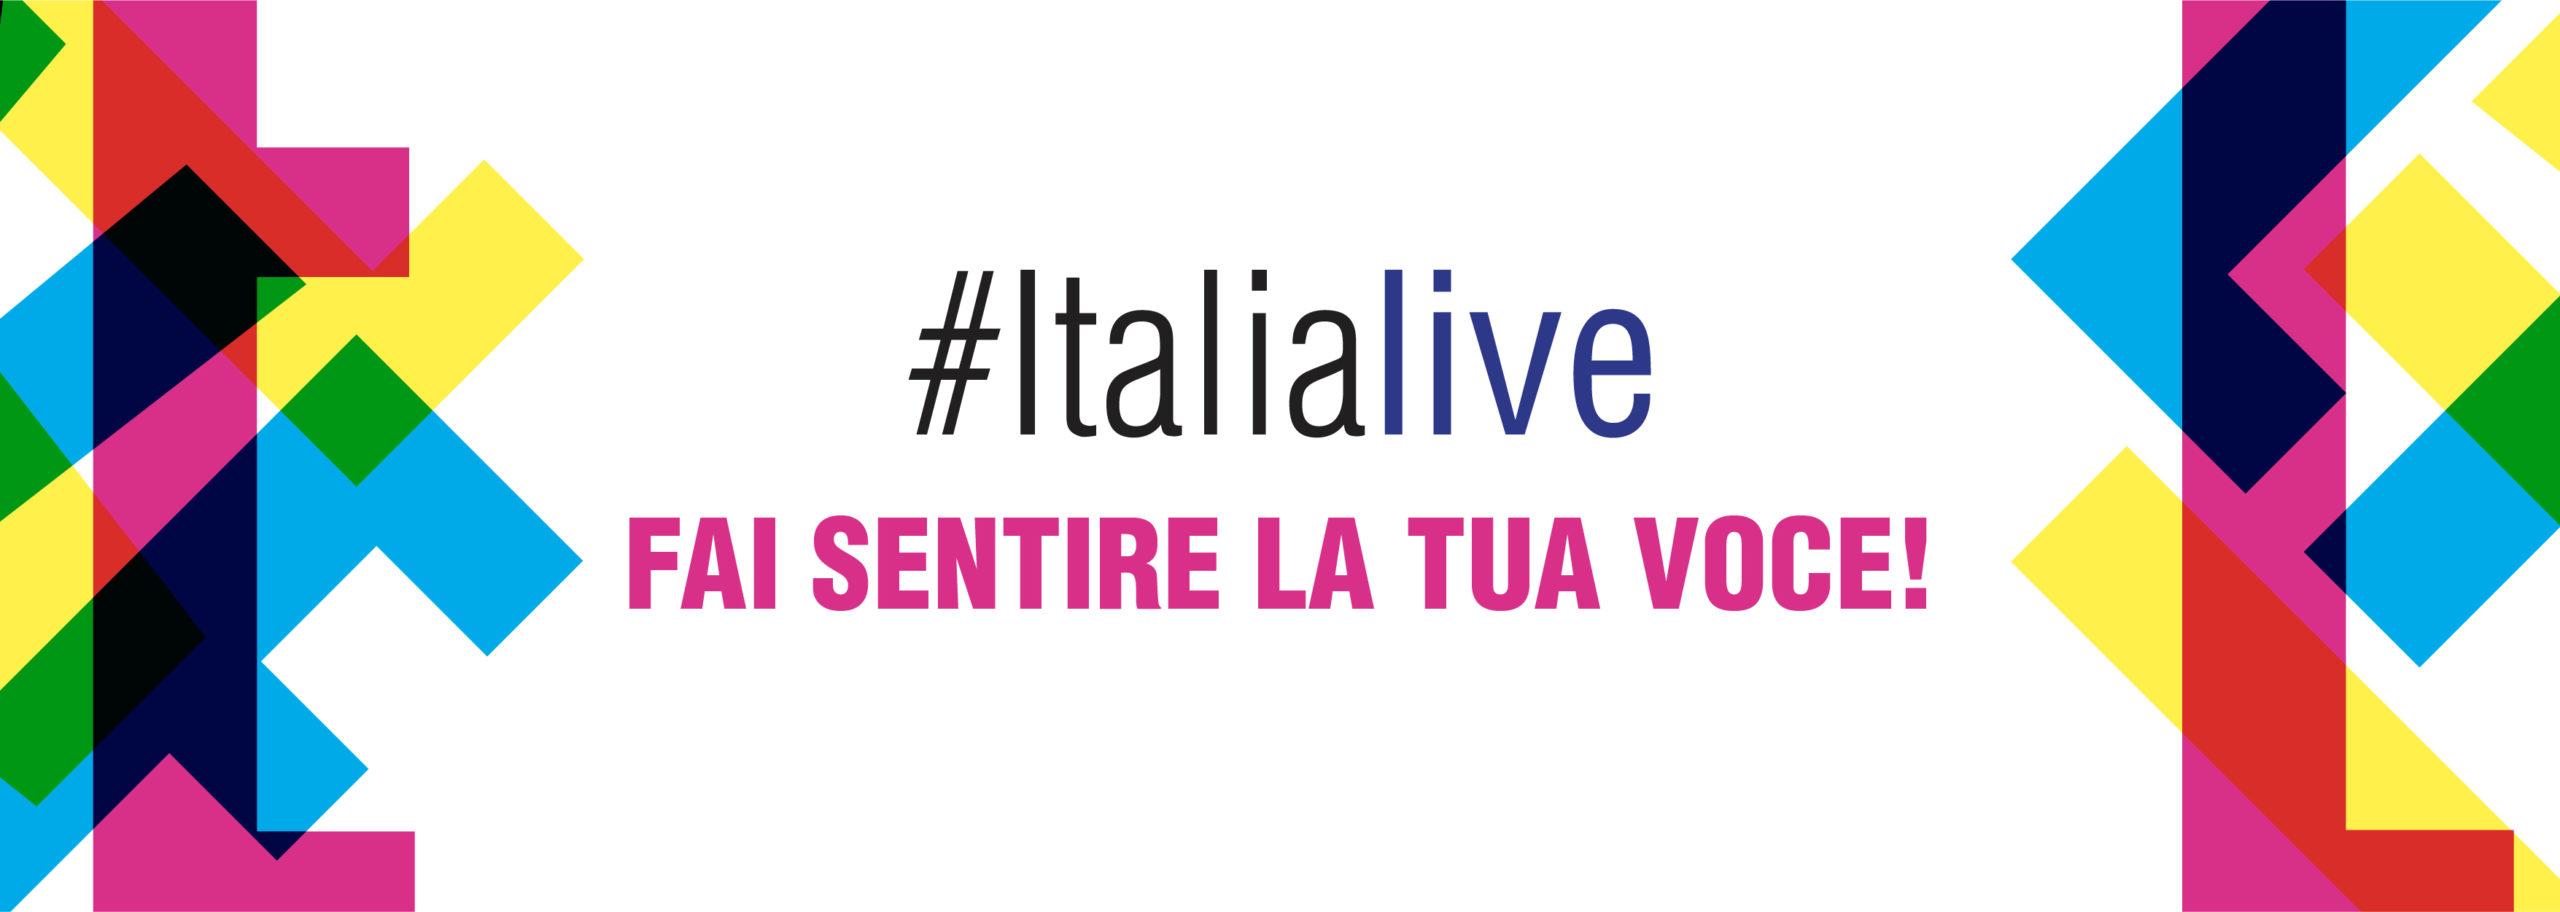 #ITALIALIVE: Fai sentire la tua voce!